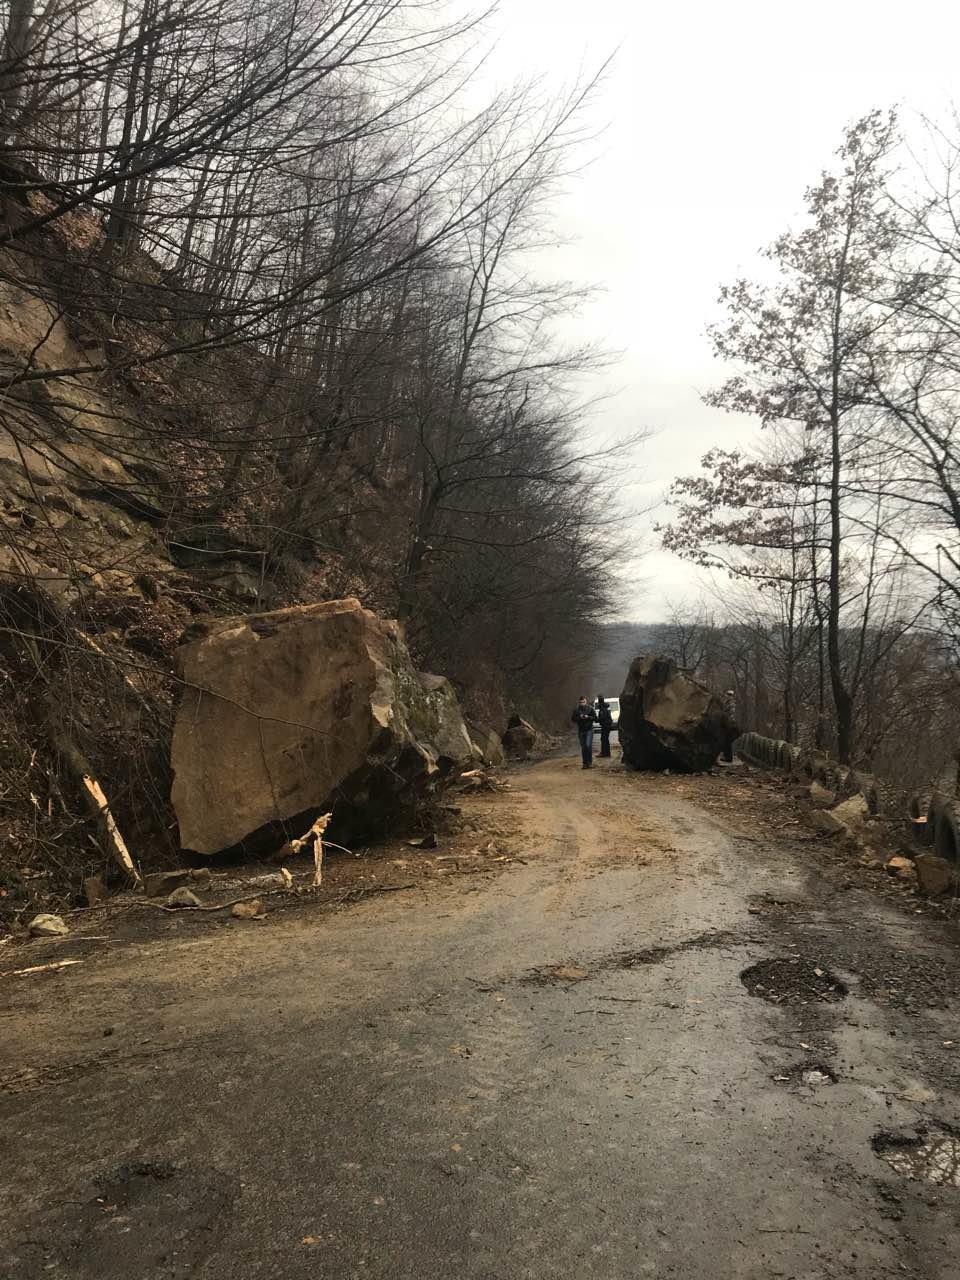 На Тячівщині на дорогу звалилася скеля: на місці працюють рятувальники, дорожники та поліція (ФОТО, ВІДЕО), фото-2